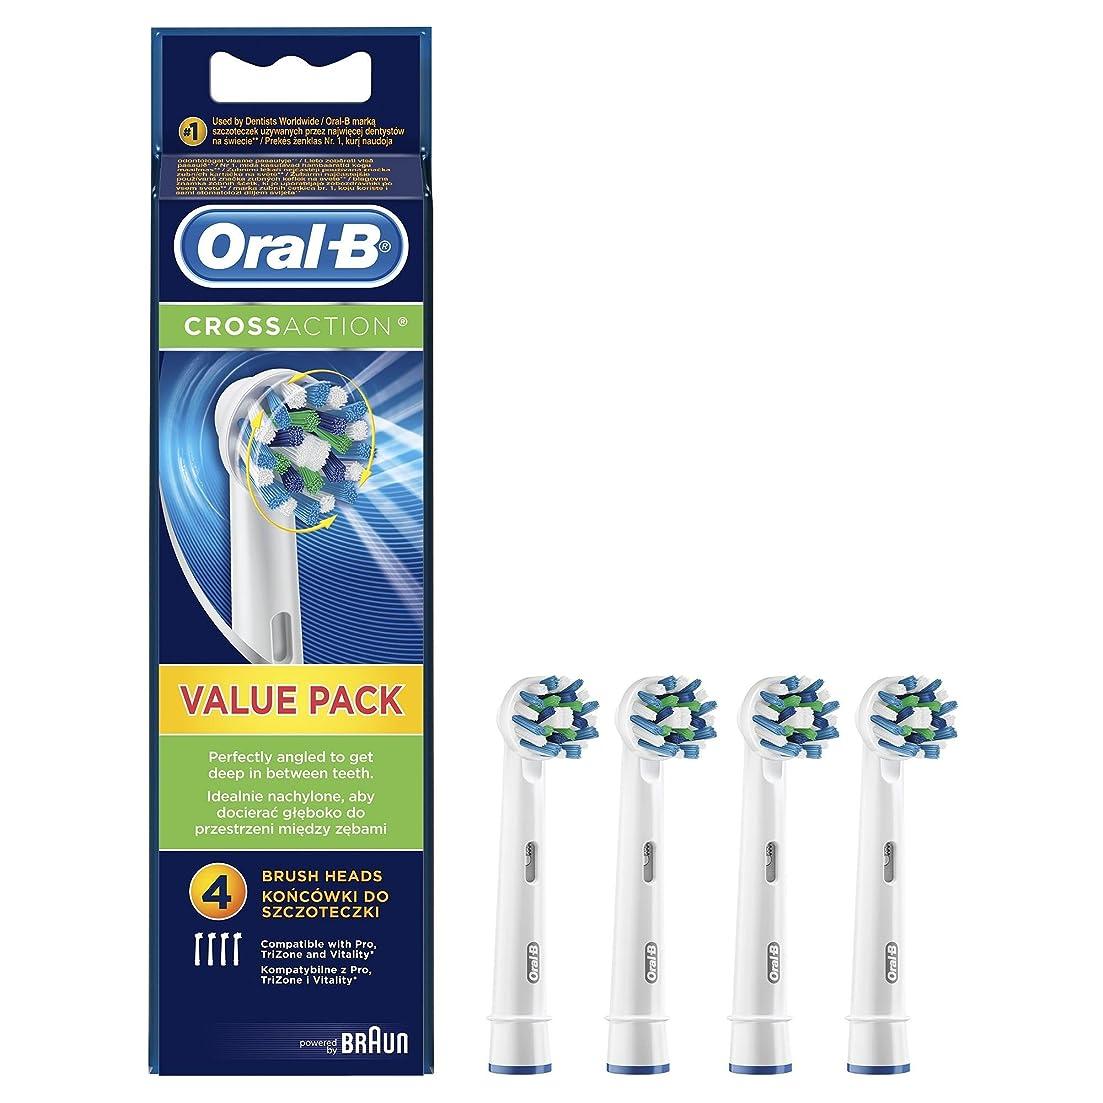 元の歯科医前ブラウン オーラルB クロスアクション 替ブラシ 4個入りOral-B Cross Action 4 [並行輸入品]